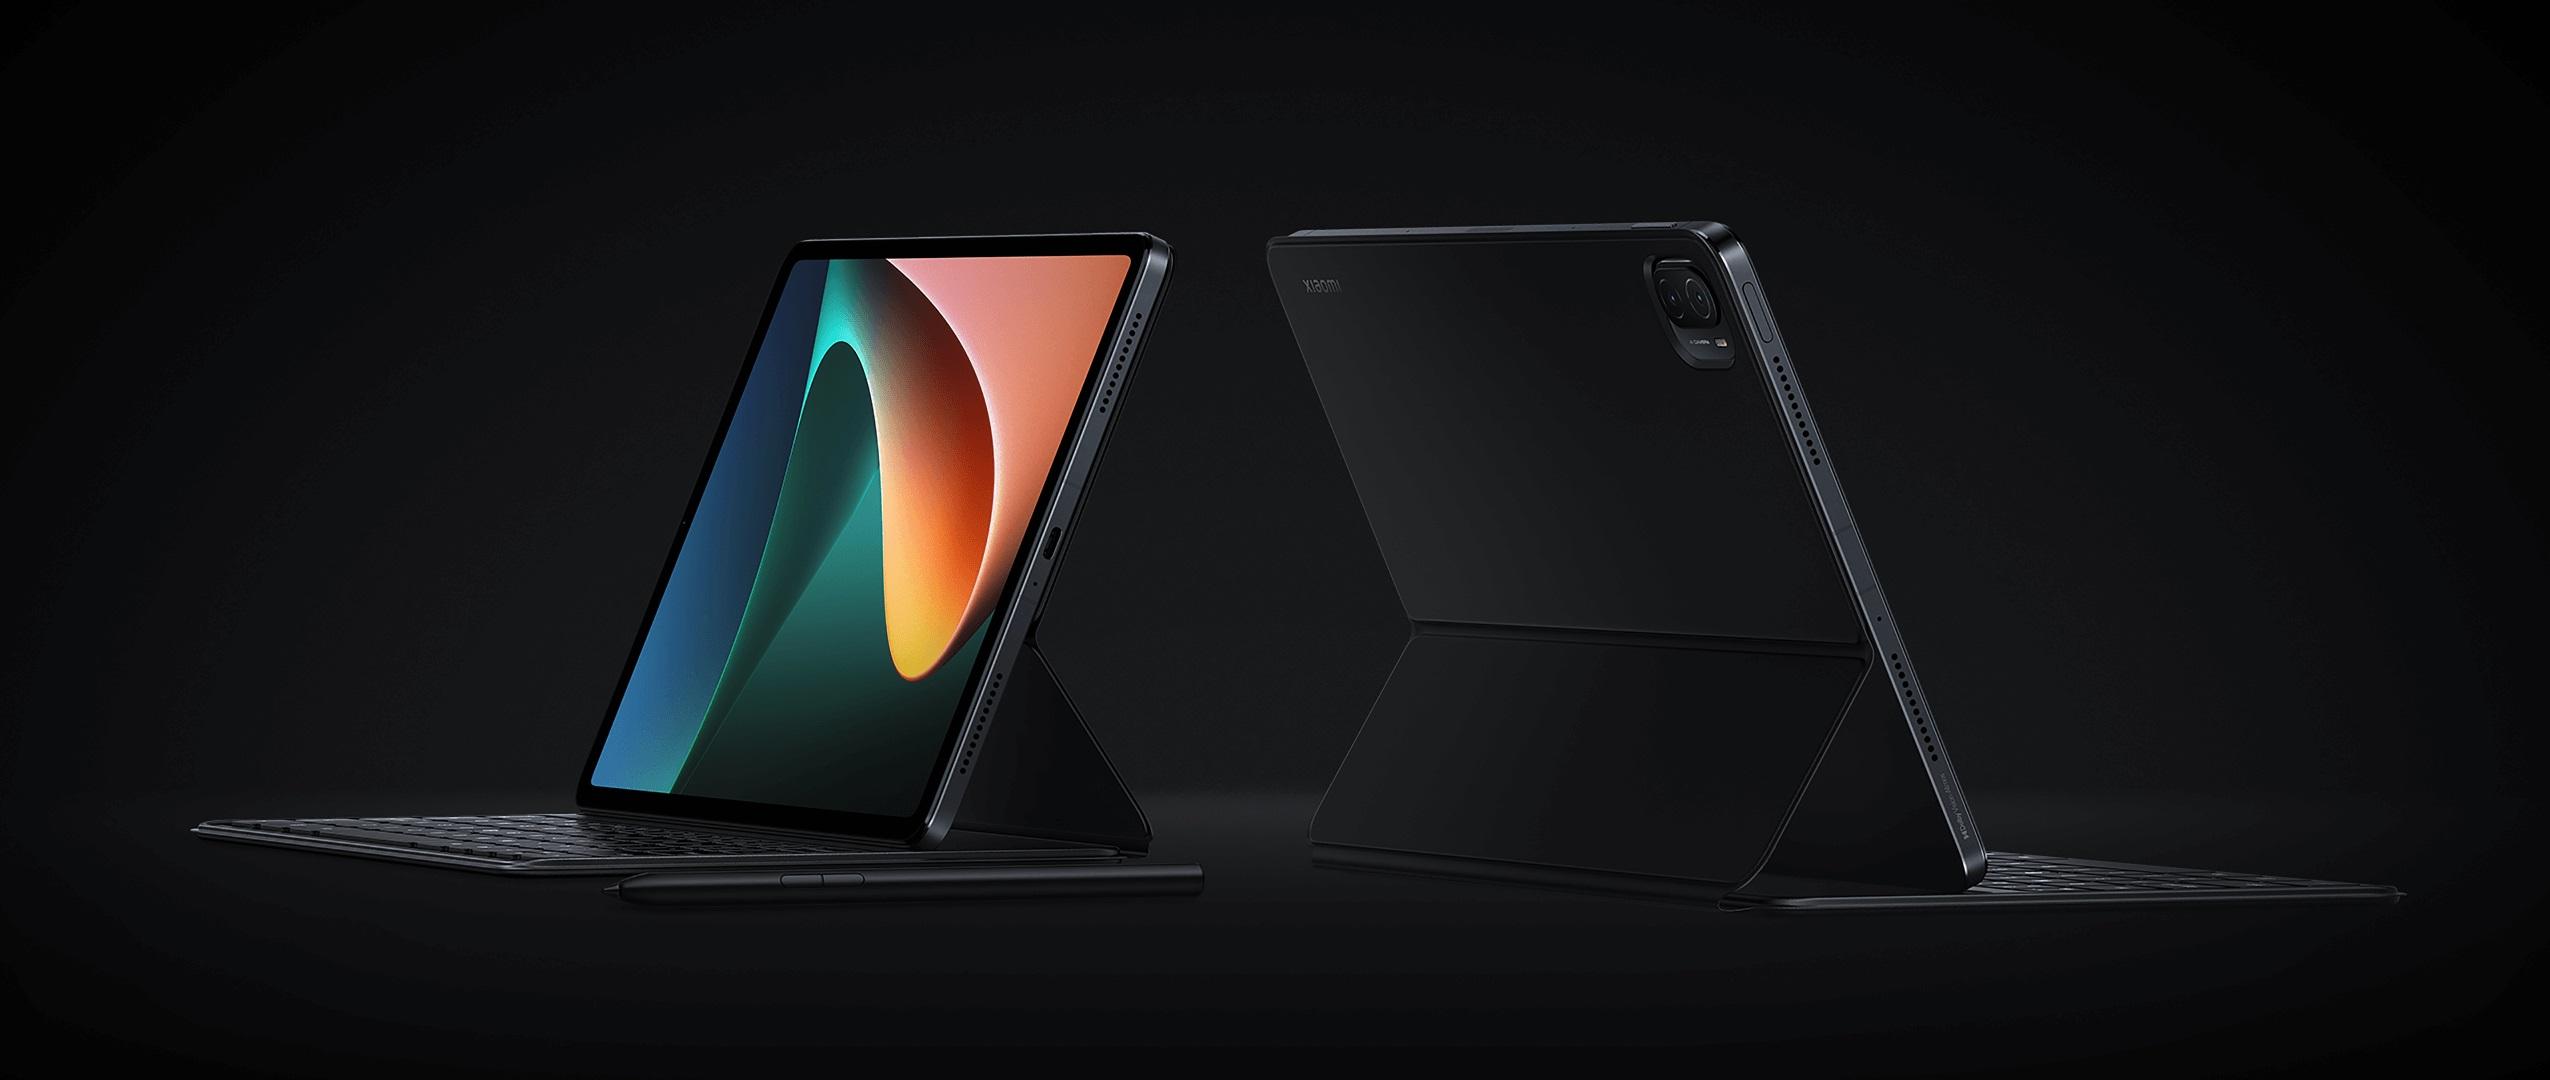 Xiaomi Mi Pad 5 Pro tablet